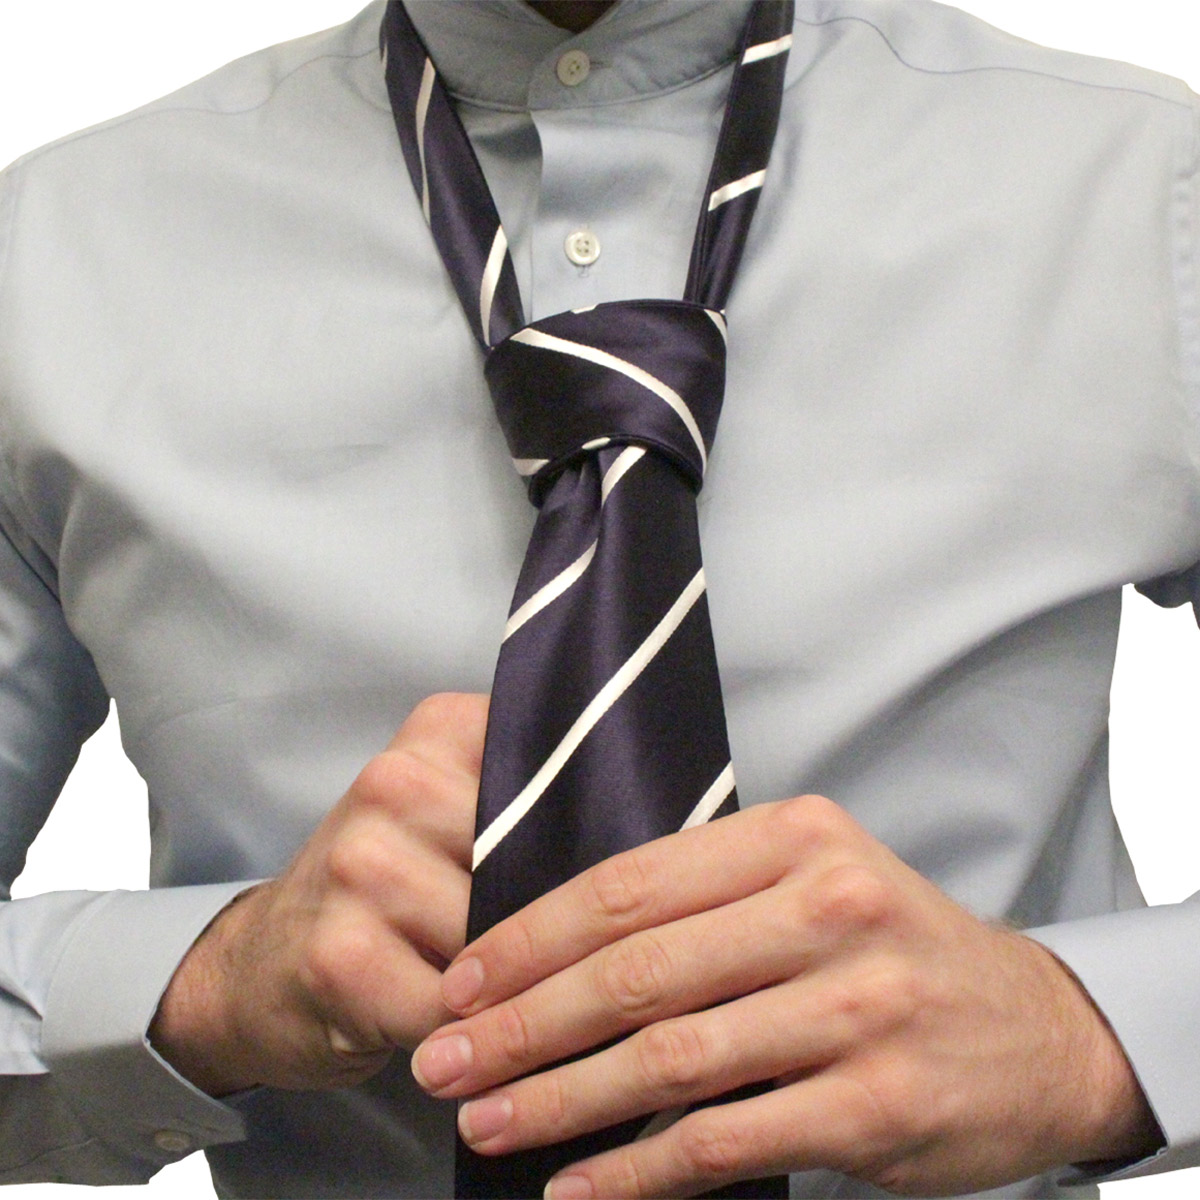 Magnetie - Reversible Magnetic Neckties